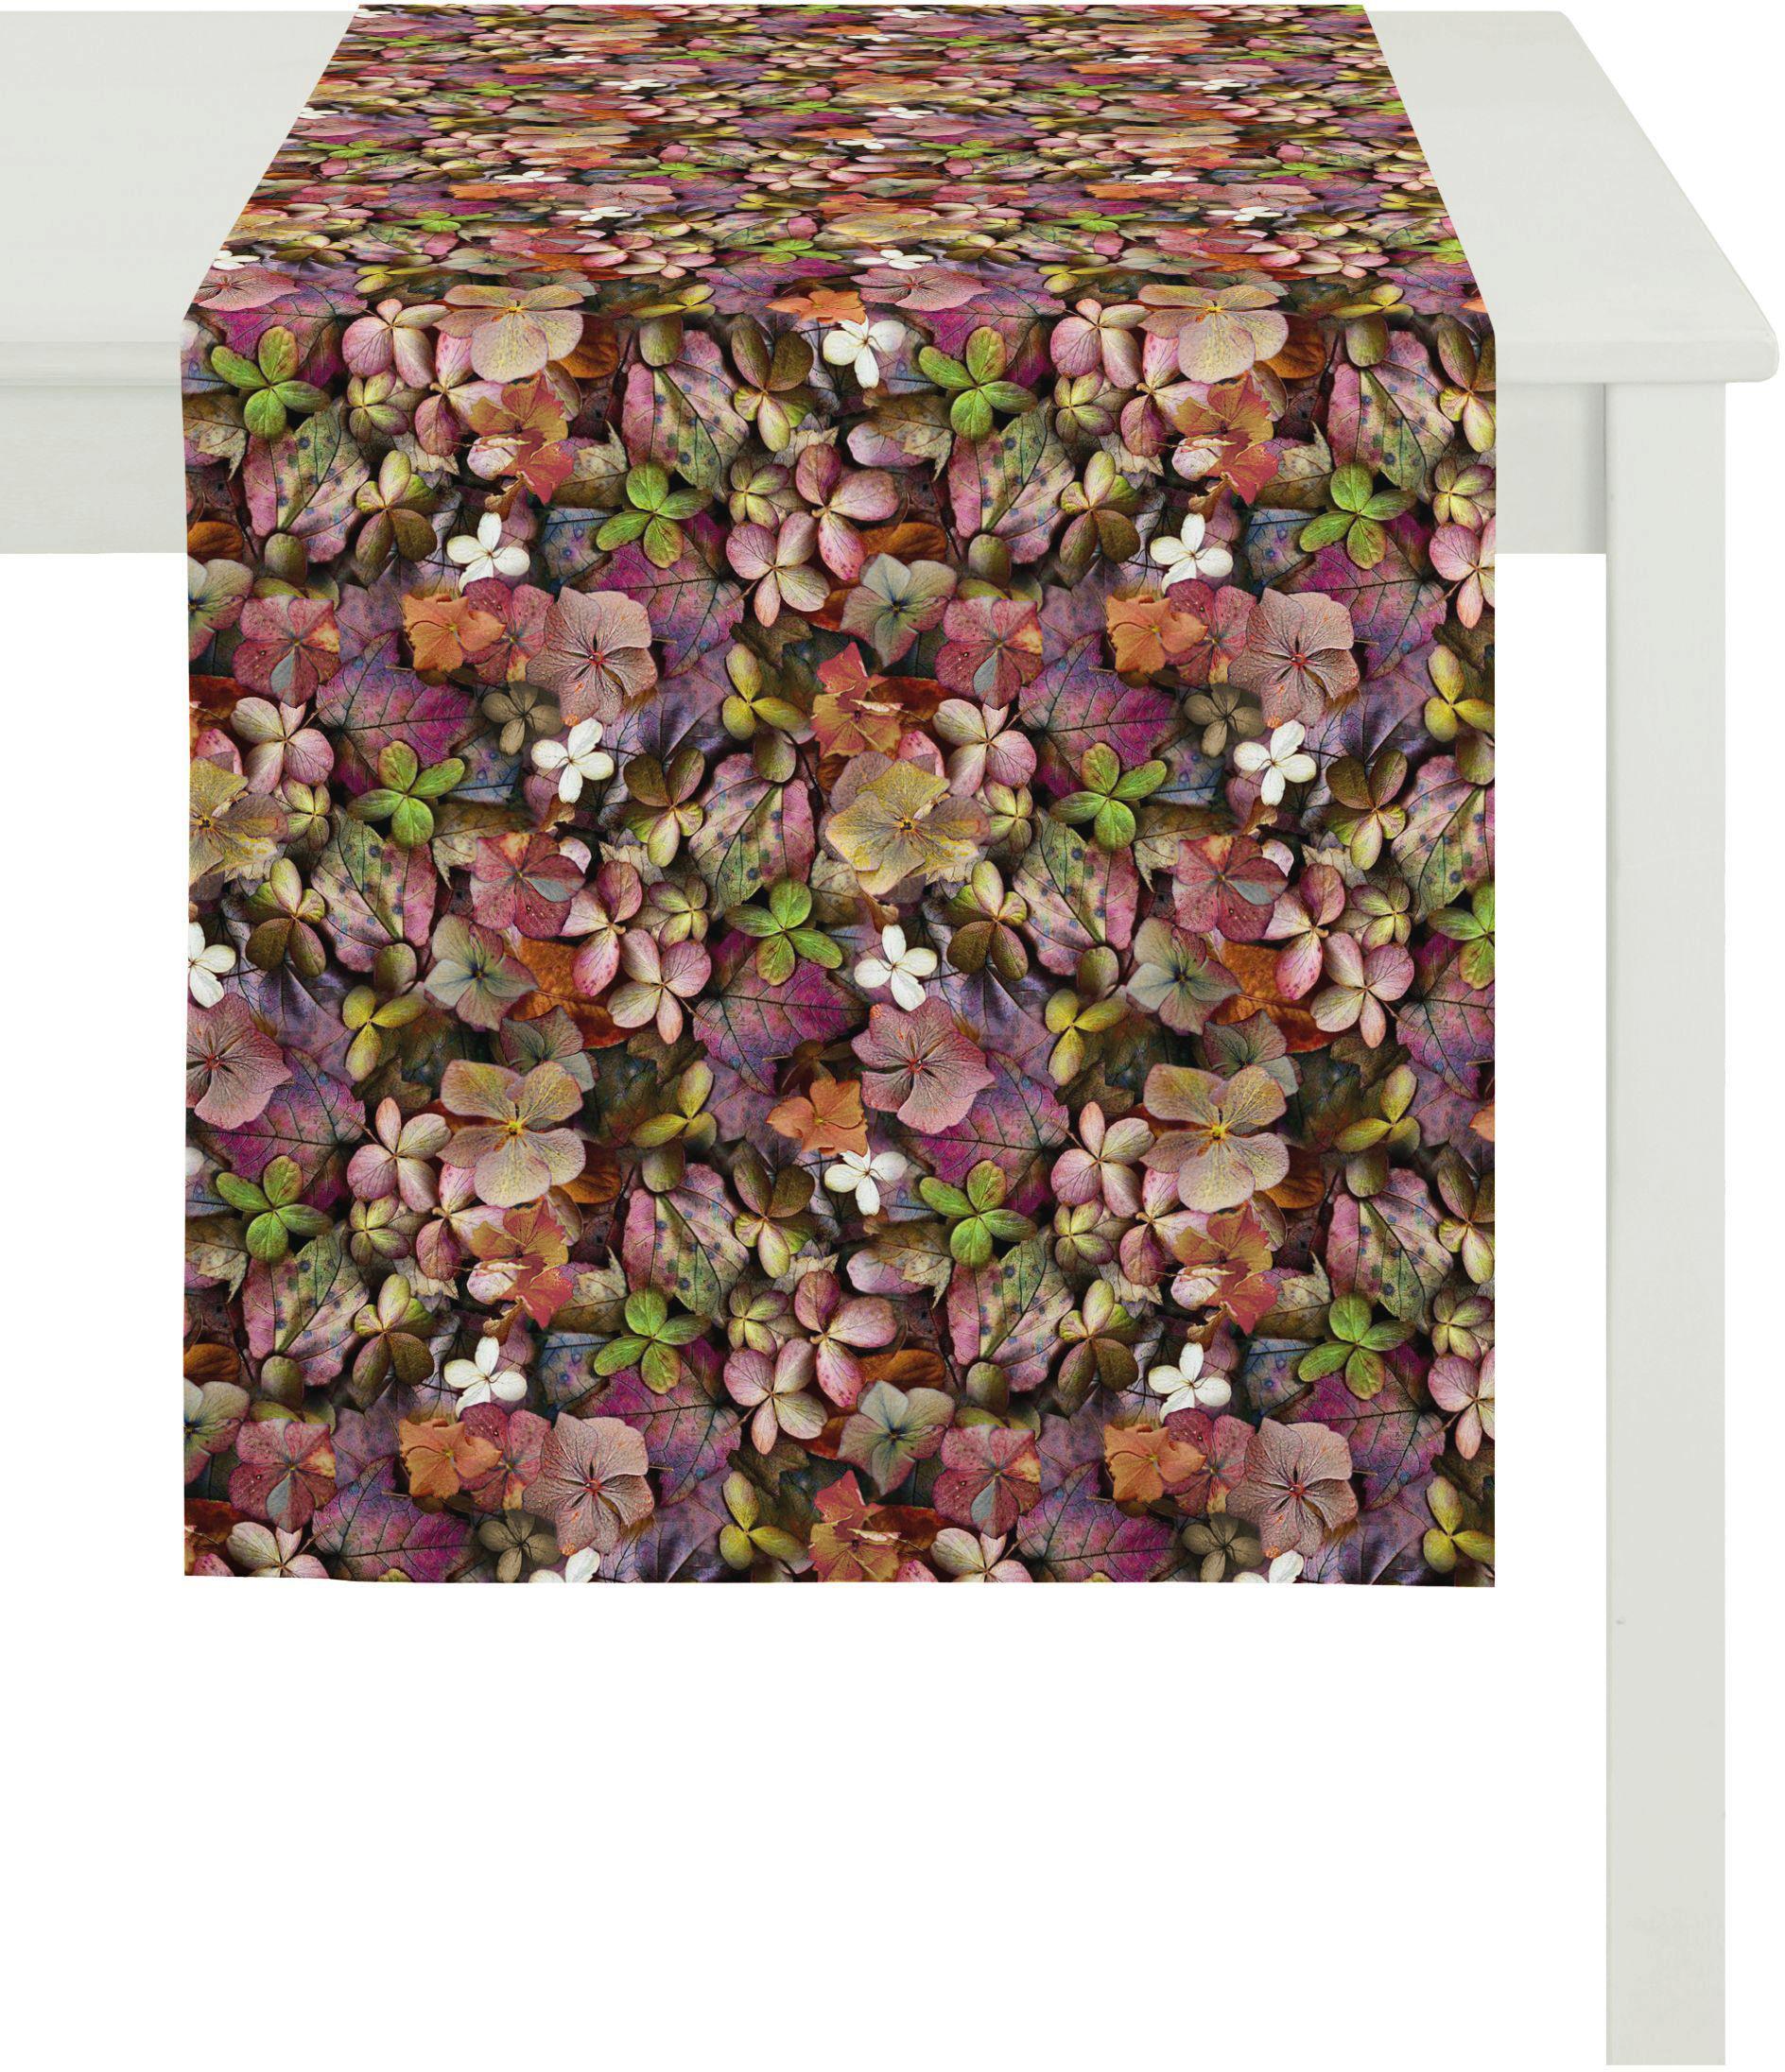 Apelt Tischläufer, 48x140 cm, »2917 Indian Summer« | Heimtextilien > Tischdecken und Co > Tischläufer | Bunt | Baumwolle | APELT